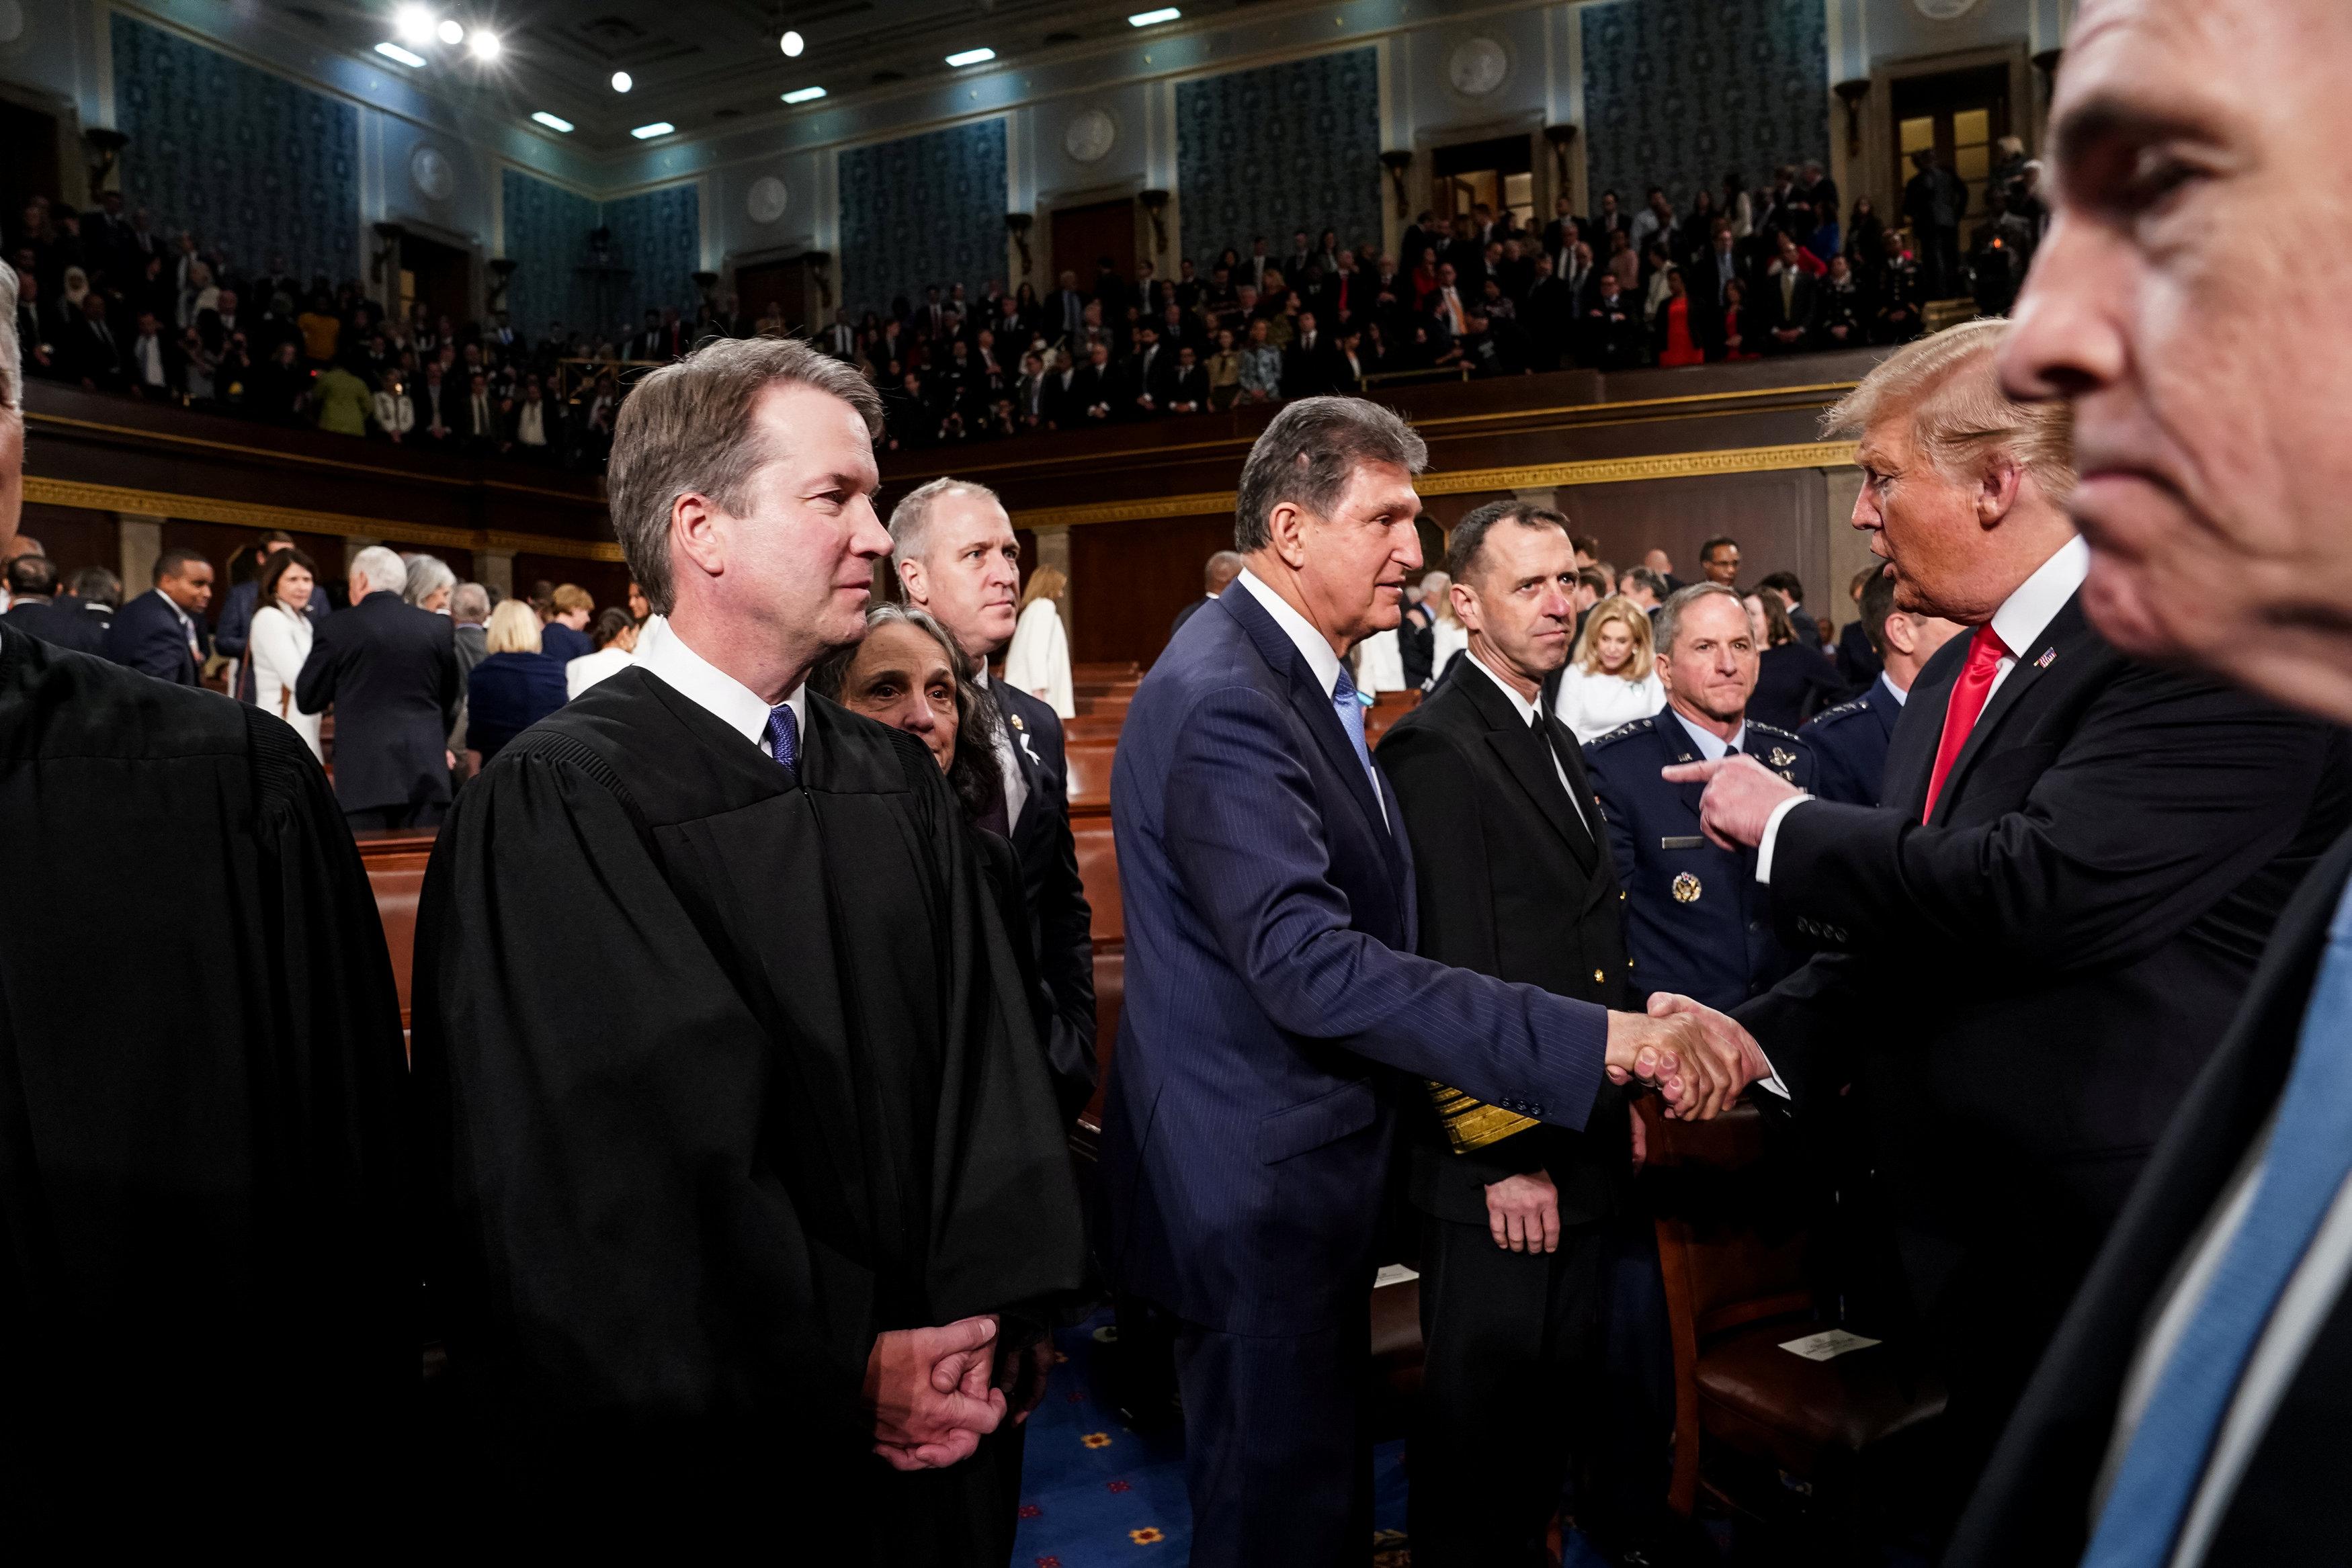 الرئيس الأمريكى يصافح عضوا بالكونجرس